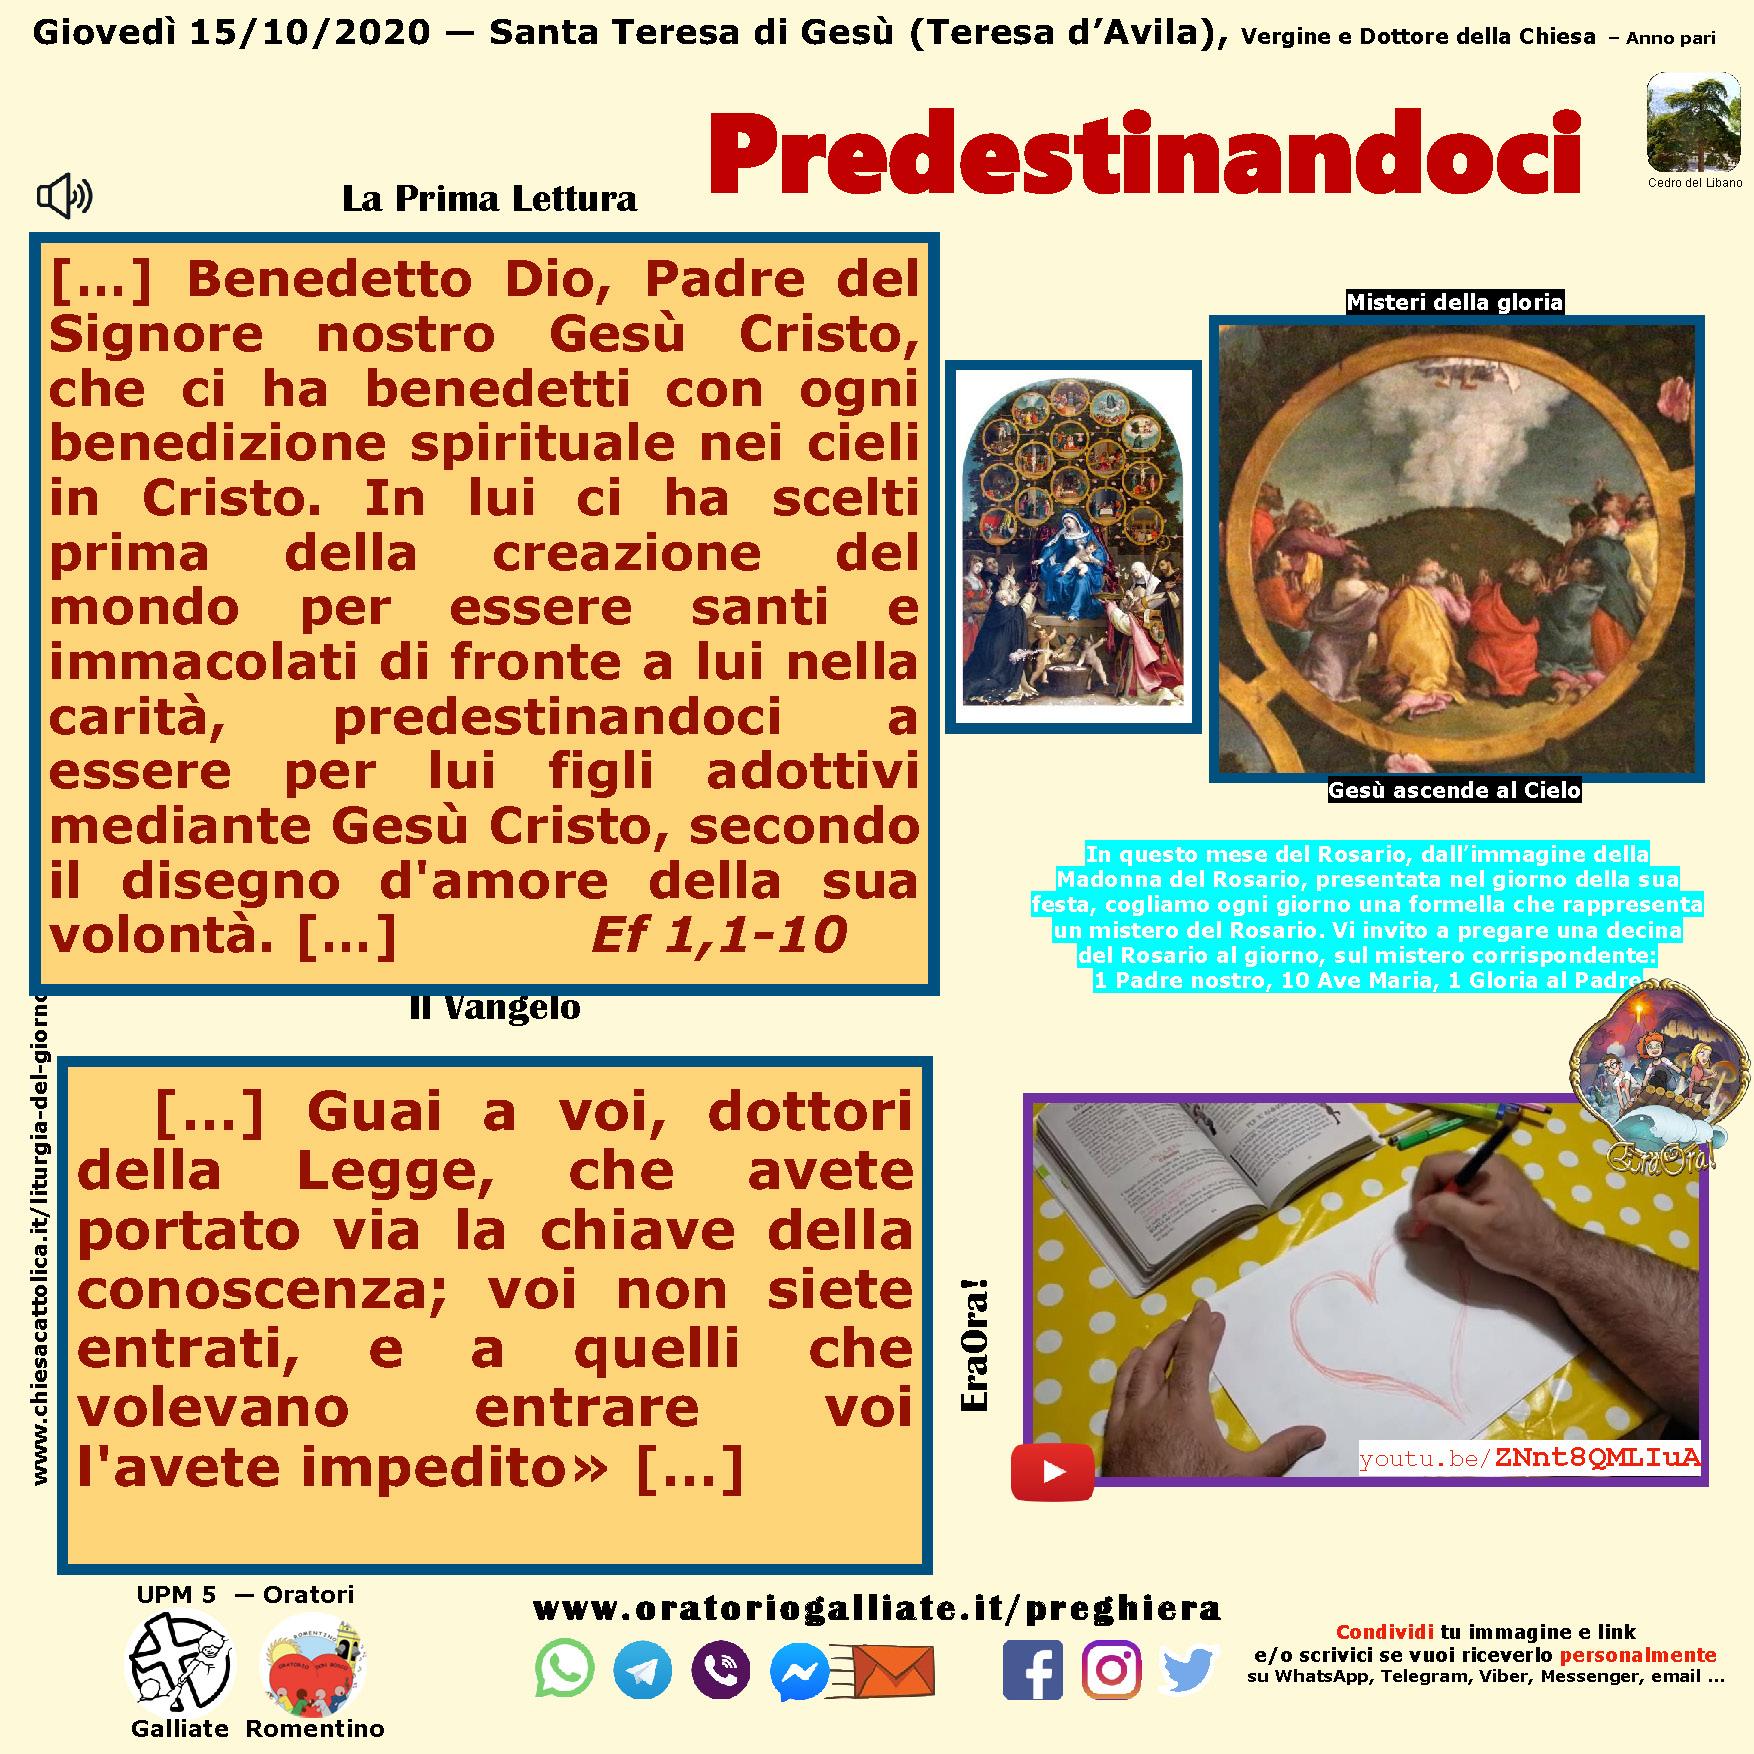 """Prg200830-Ordinario"""" width="""